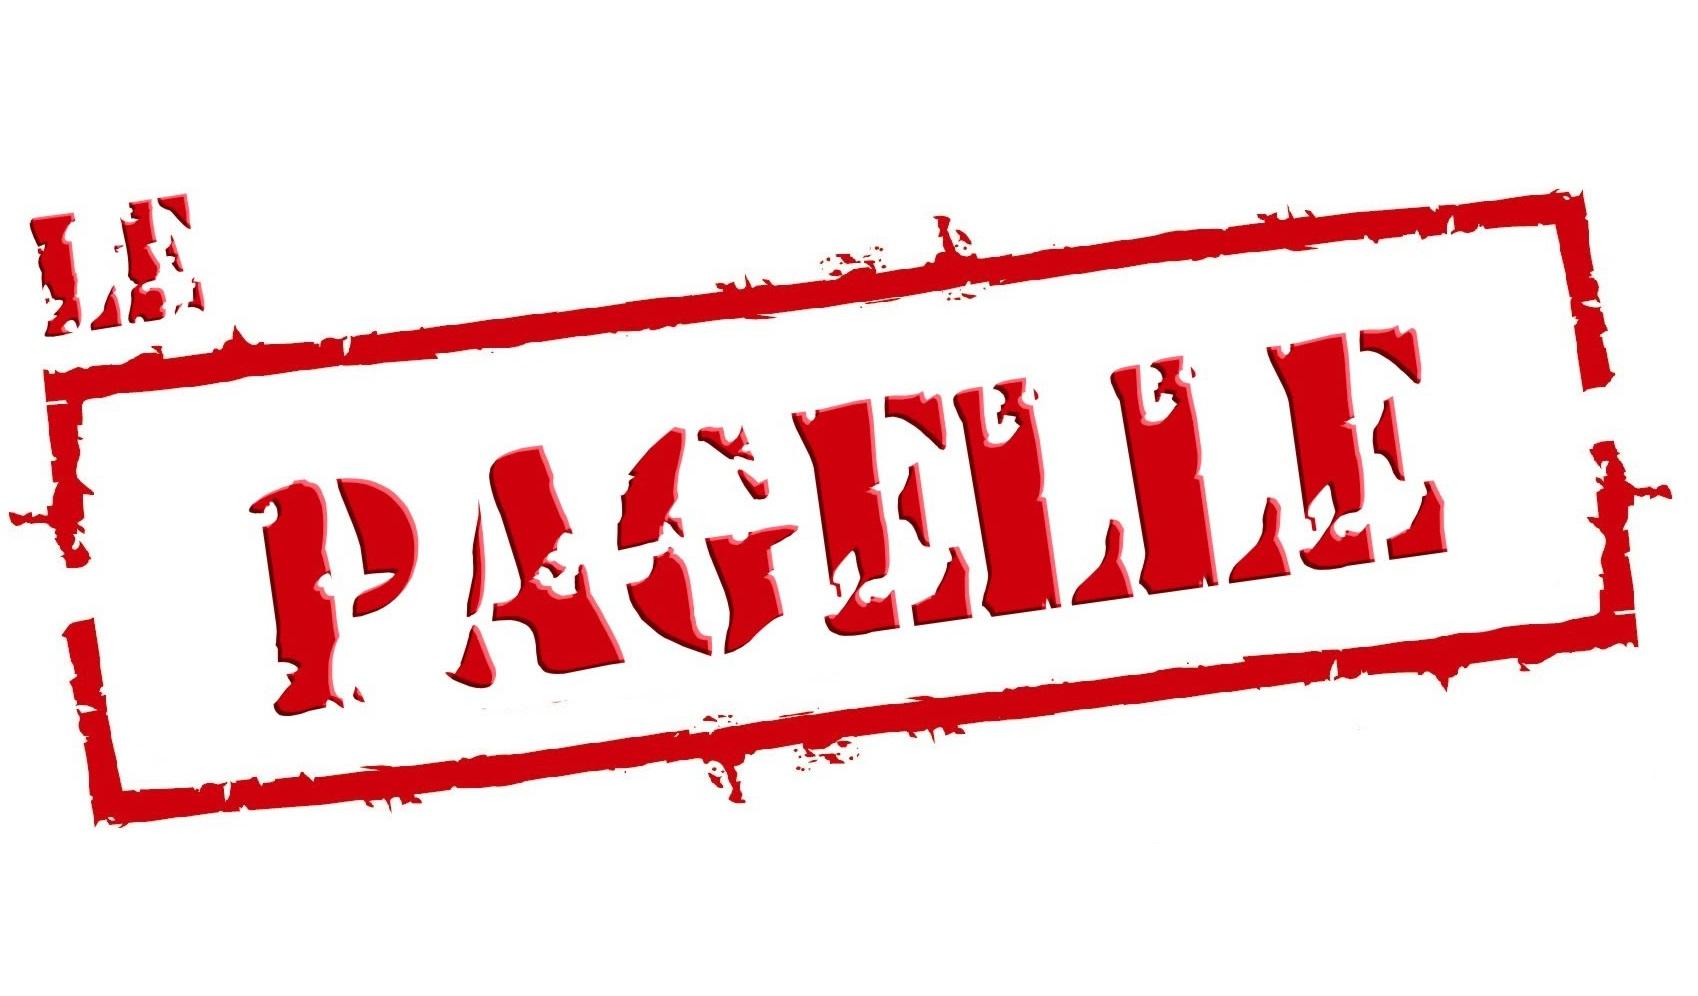 """pagelle - Le nuove imperdibili """"pagelle"""" di Federico Sagramoso"""